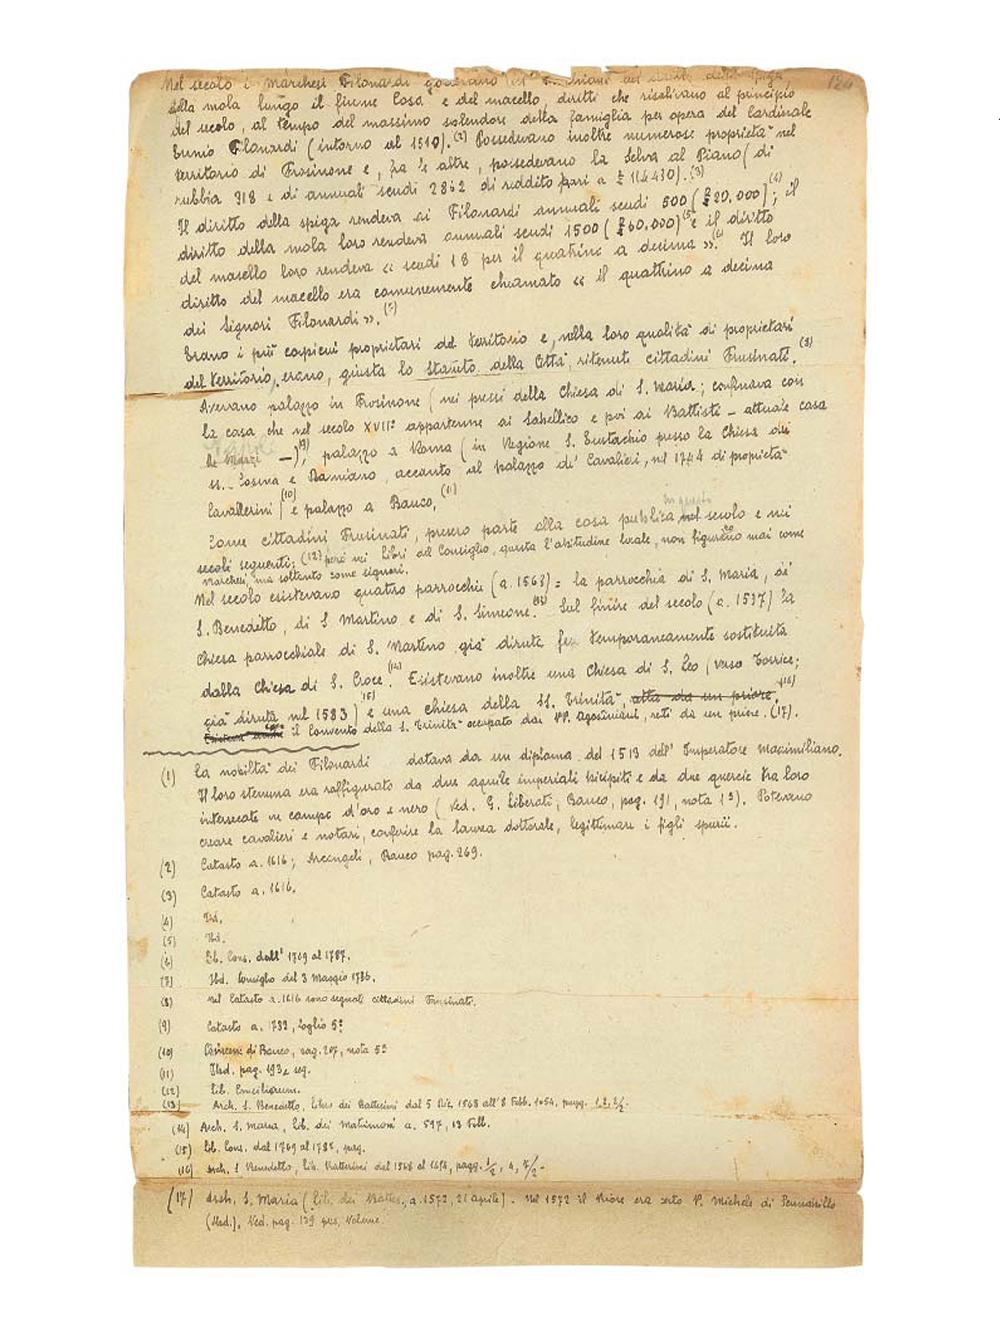 Terra dei Volsci. Notizie particolari di Frosinone nel secolo XVI di Francesco Stroppa